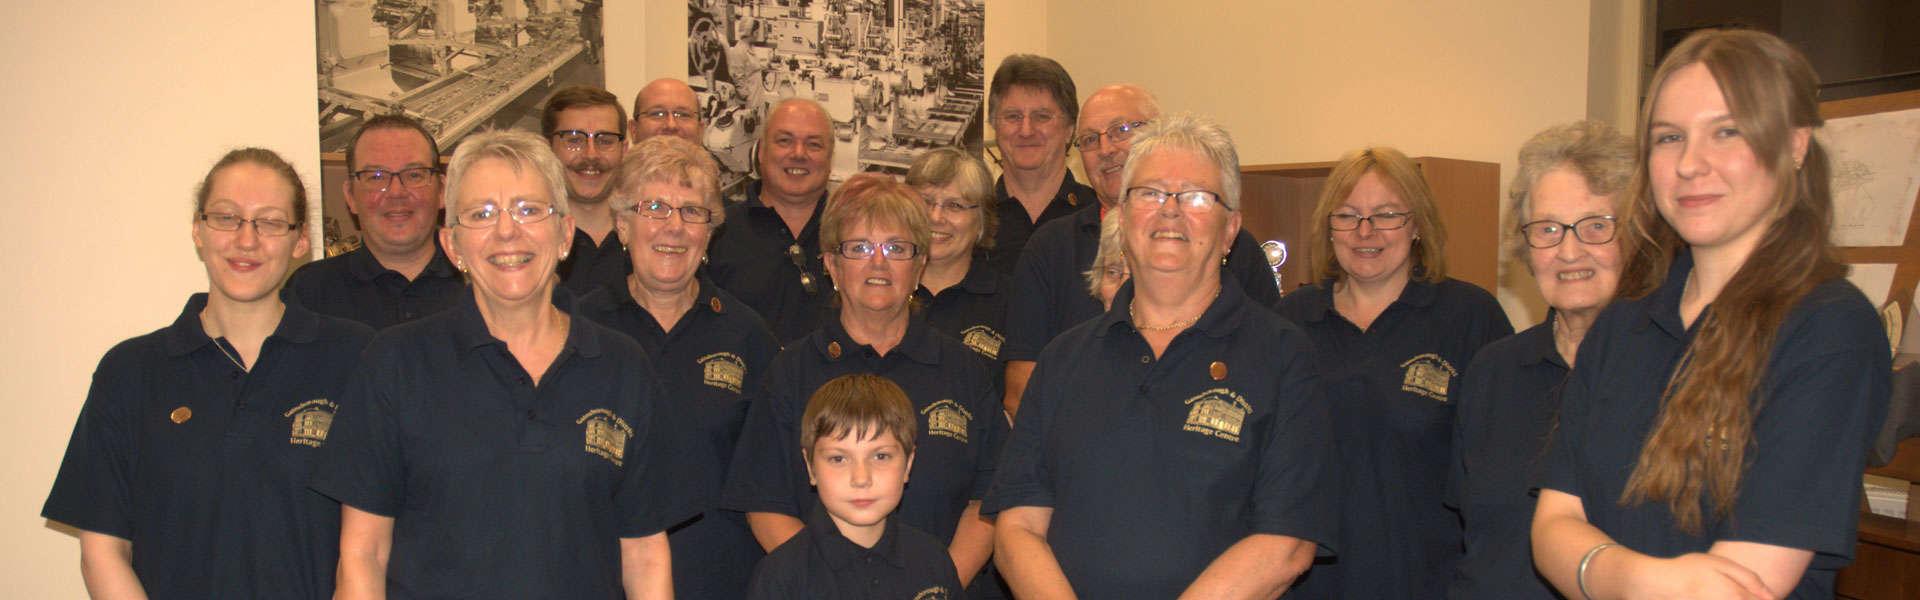 Heritage Team